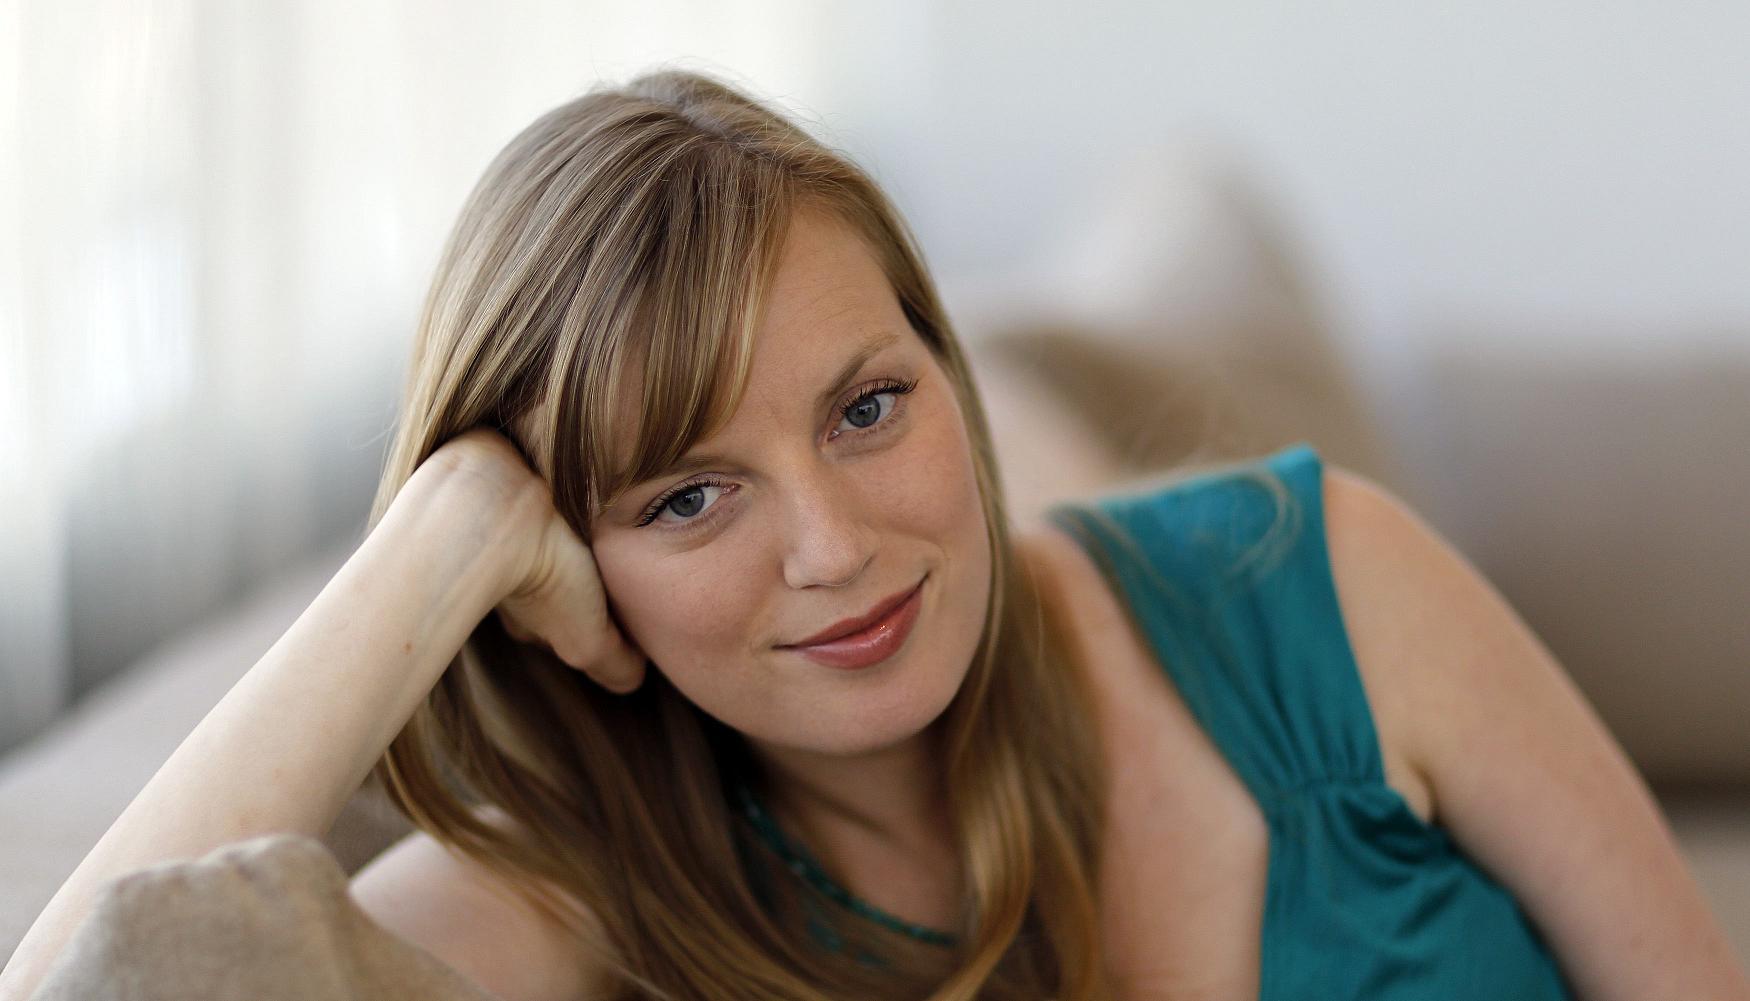 Sarah Polley - Writer, Director, Actress